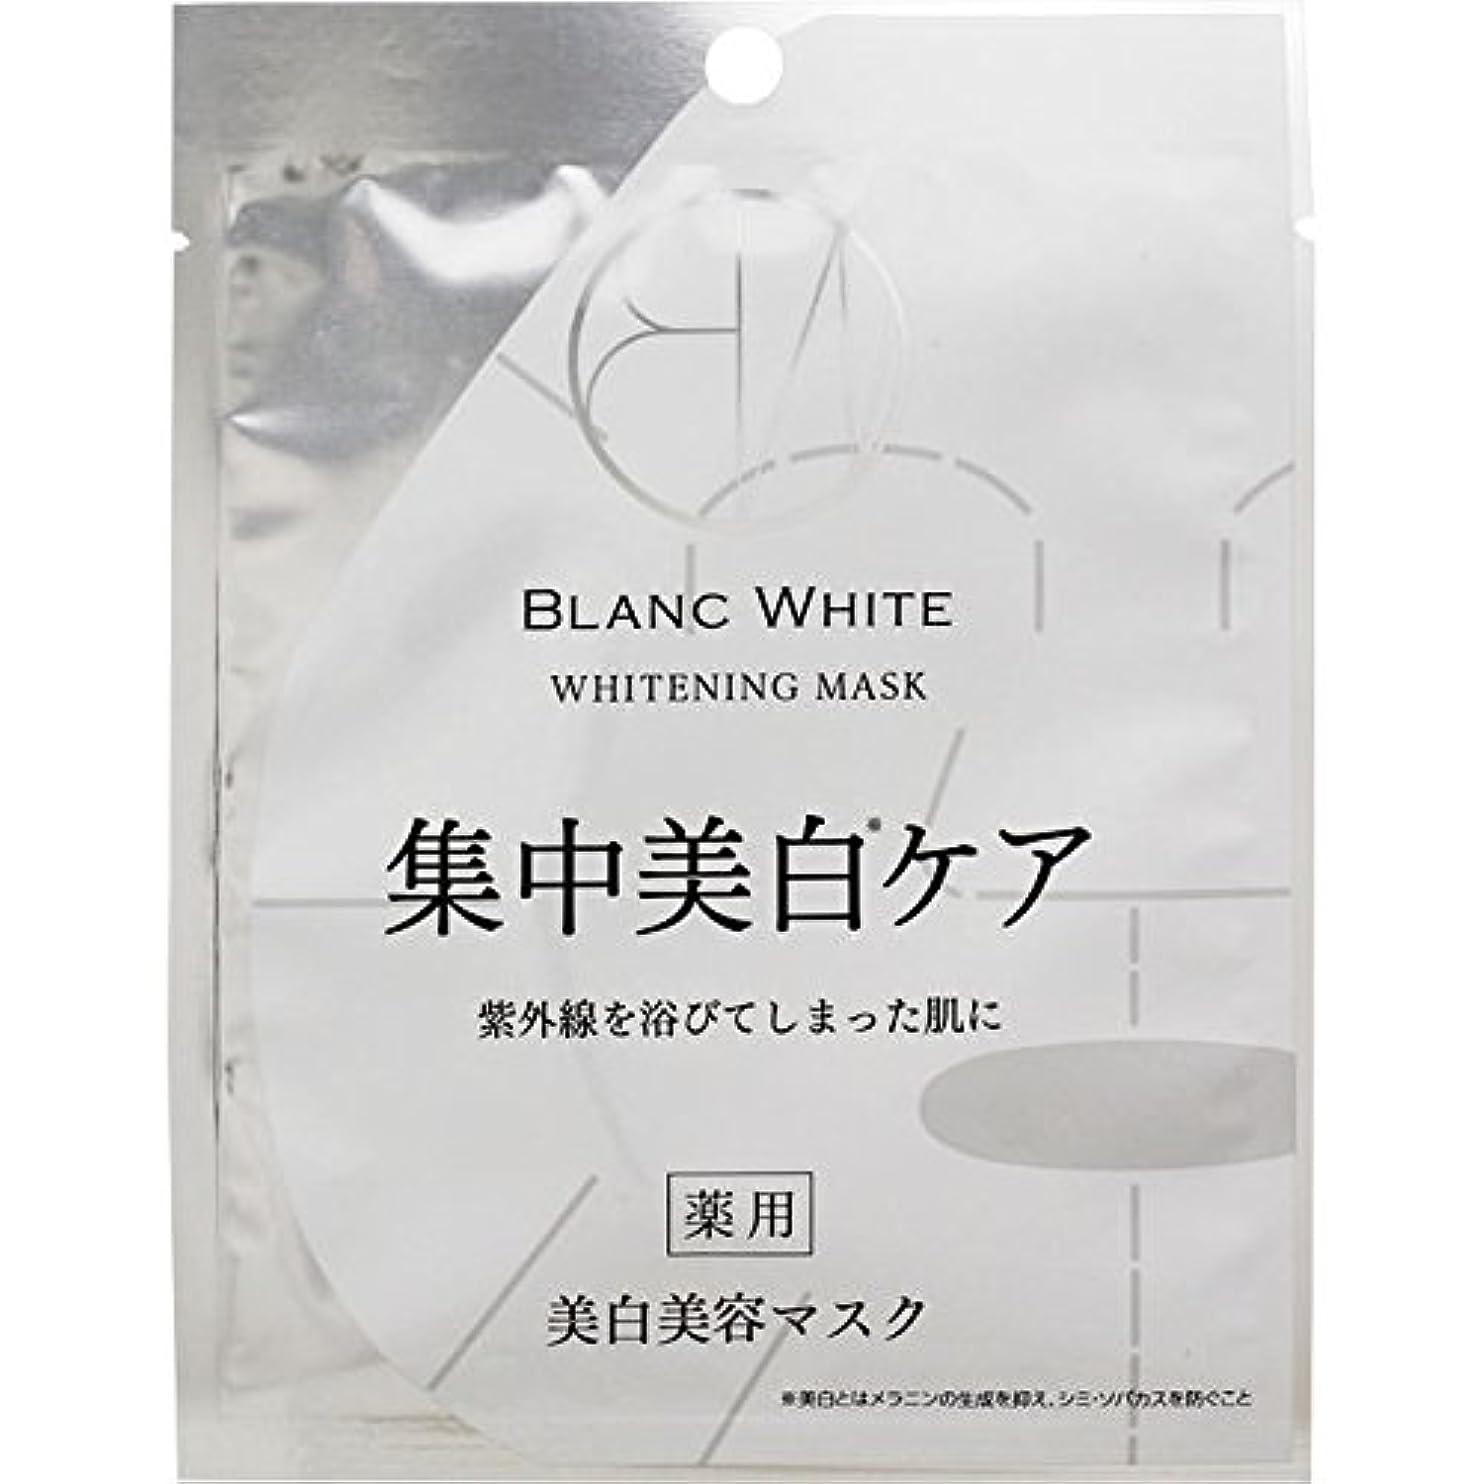 挑むヒゲクジラ濃度ブランホワイト ホワイトニングマスク 1枚【21ml】 (医薬部外品)